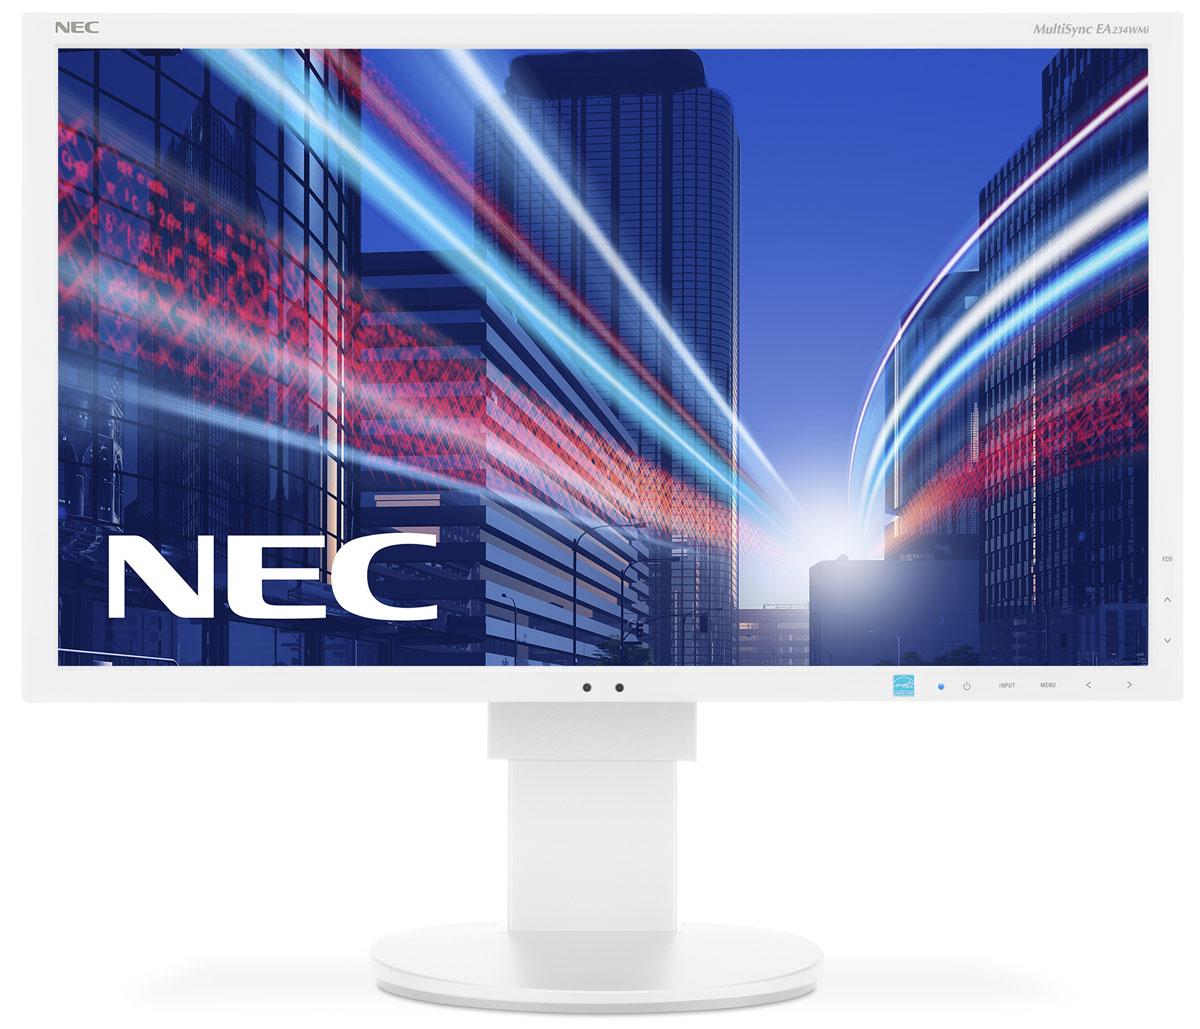 NEC EA234WMi, White мониторEA234WMiМонитор NEC EA234WMi обладает очень тонкой панелью со светодиодной подсветкой и IPS-технологией, чтообеспечивает ультрасовременный и ультратонкий дизайн в сочетании с характеристиками, идеальными длякорпоративного офисного использования.Датчик рассеянного света и датчик присутствия являются стандартными характеристиками данной модели, крометого, модель обладает улучшенными эргономическими характеристиками, например, механизмом регулированиявысоты до 130 мм. Дисплей также располагает широкими возможностями соединения, 3 входами: DisplayPort, DVI-D иD-Sub. Благодаря превосходному качеству изображения IPS с широким углом обзора в формате экрана 16:9данная модель обладает высоким уровнем эргономического комфорта.Датчик рассеянного света - благодаря функции автоматической яркости Auto Brightness всегда можнооптимизировать уровень яркости в зависимости от освещения и условий изображения. Датчик присутствия человека - определяет присутствие человека перед экраном и автоматически включаетили выключает экран для экономии электроэнергии. Идеальный набор функциональных возможностей для офисной эксплуатации Встроенные динамики, гнездо для подключения наушников и USB-хаб обеспечивают отличные опции дляофисной коммуникации. Изменение высоты экрана: 130 мм. Углы наклона монитора -5° - 30°. Углы поворота относительно подставки: ±170°.